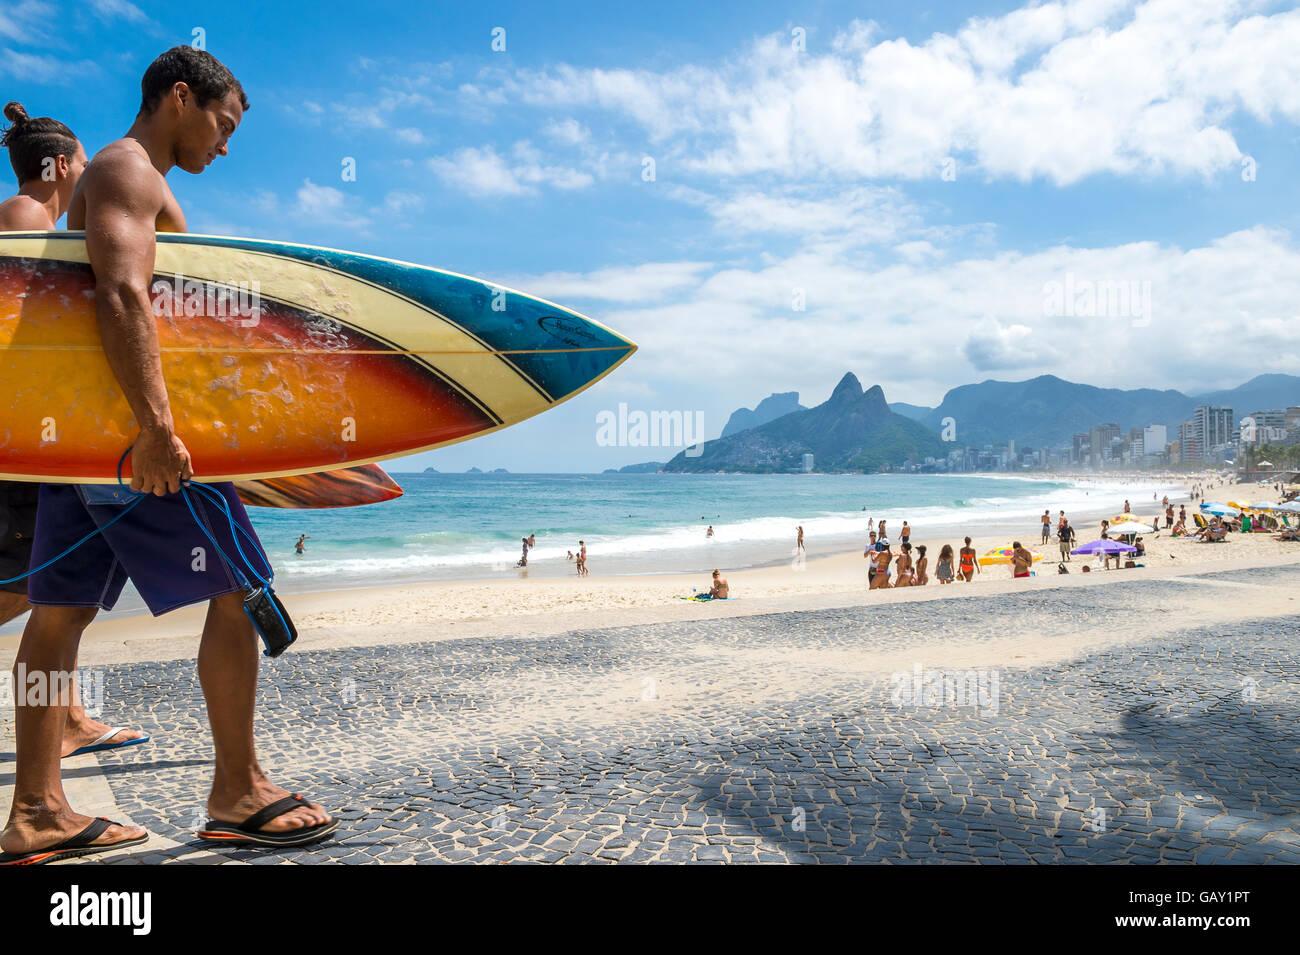 RIO DE JANEIRO - Abril 3, 2016: el joven carioca par brasileño camina con tablas de surf de Arpoador, el popular Imagen De Stock